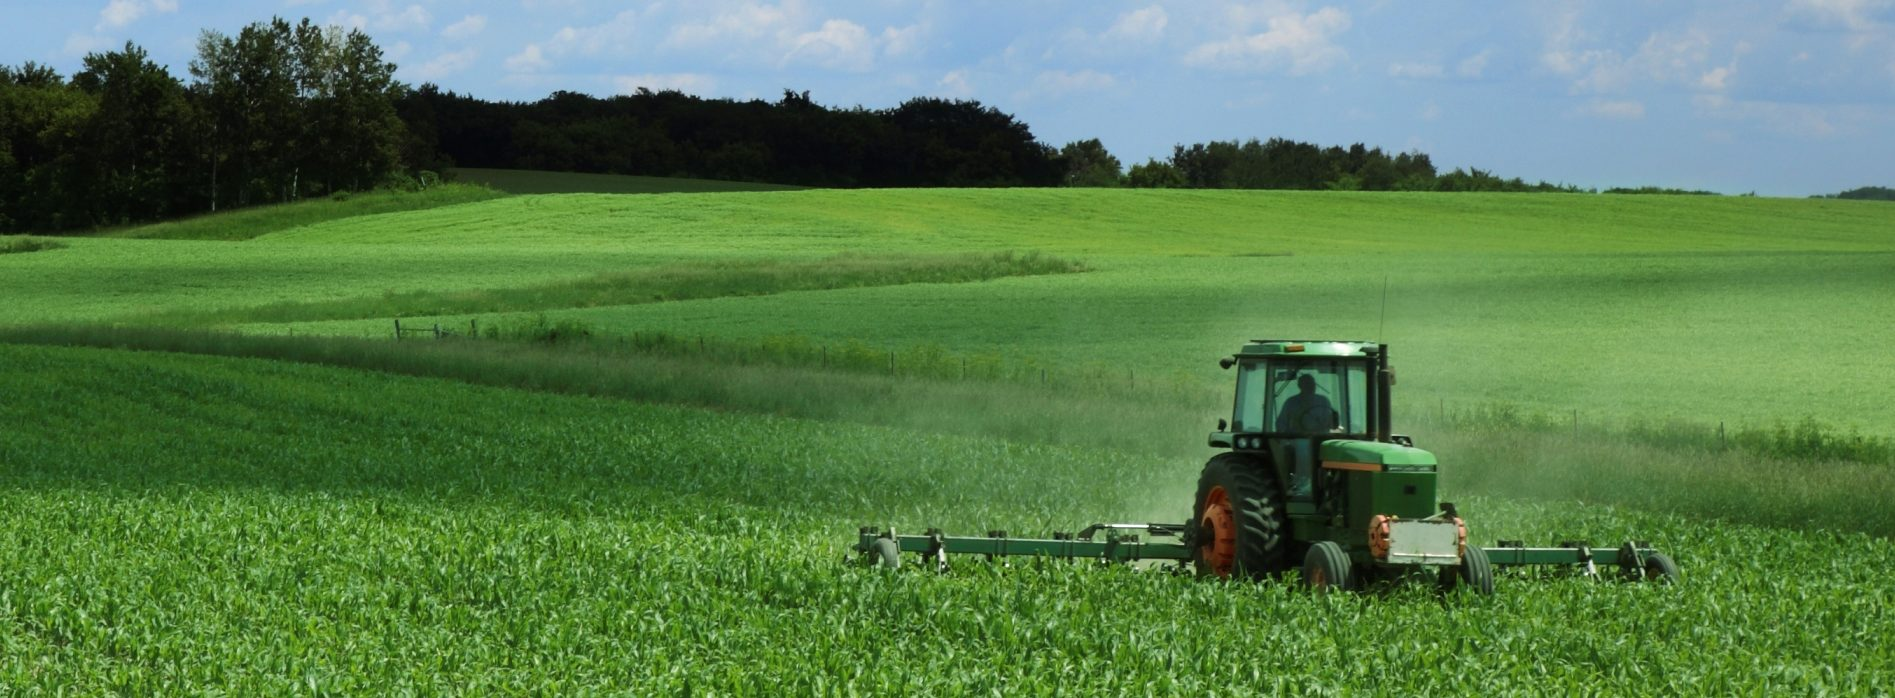 Uskoro Rezultati Utjecaja SSP-a Na Poljoprivredni Sektor